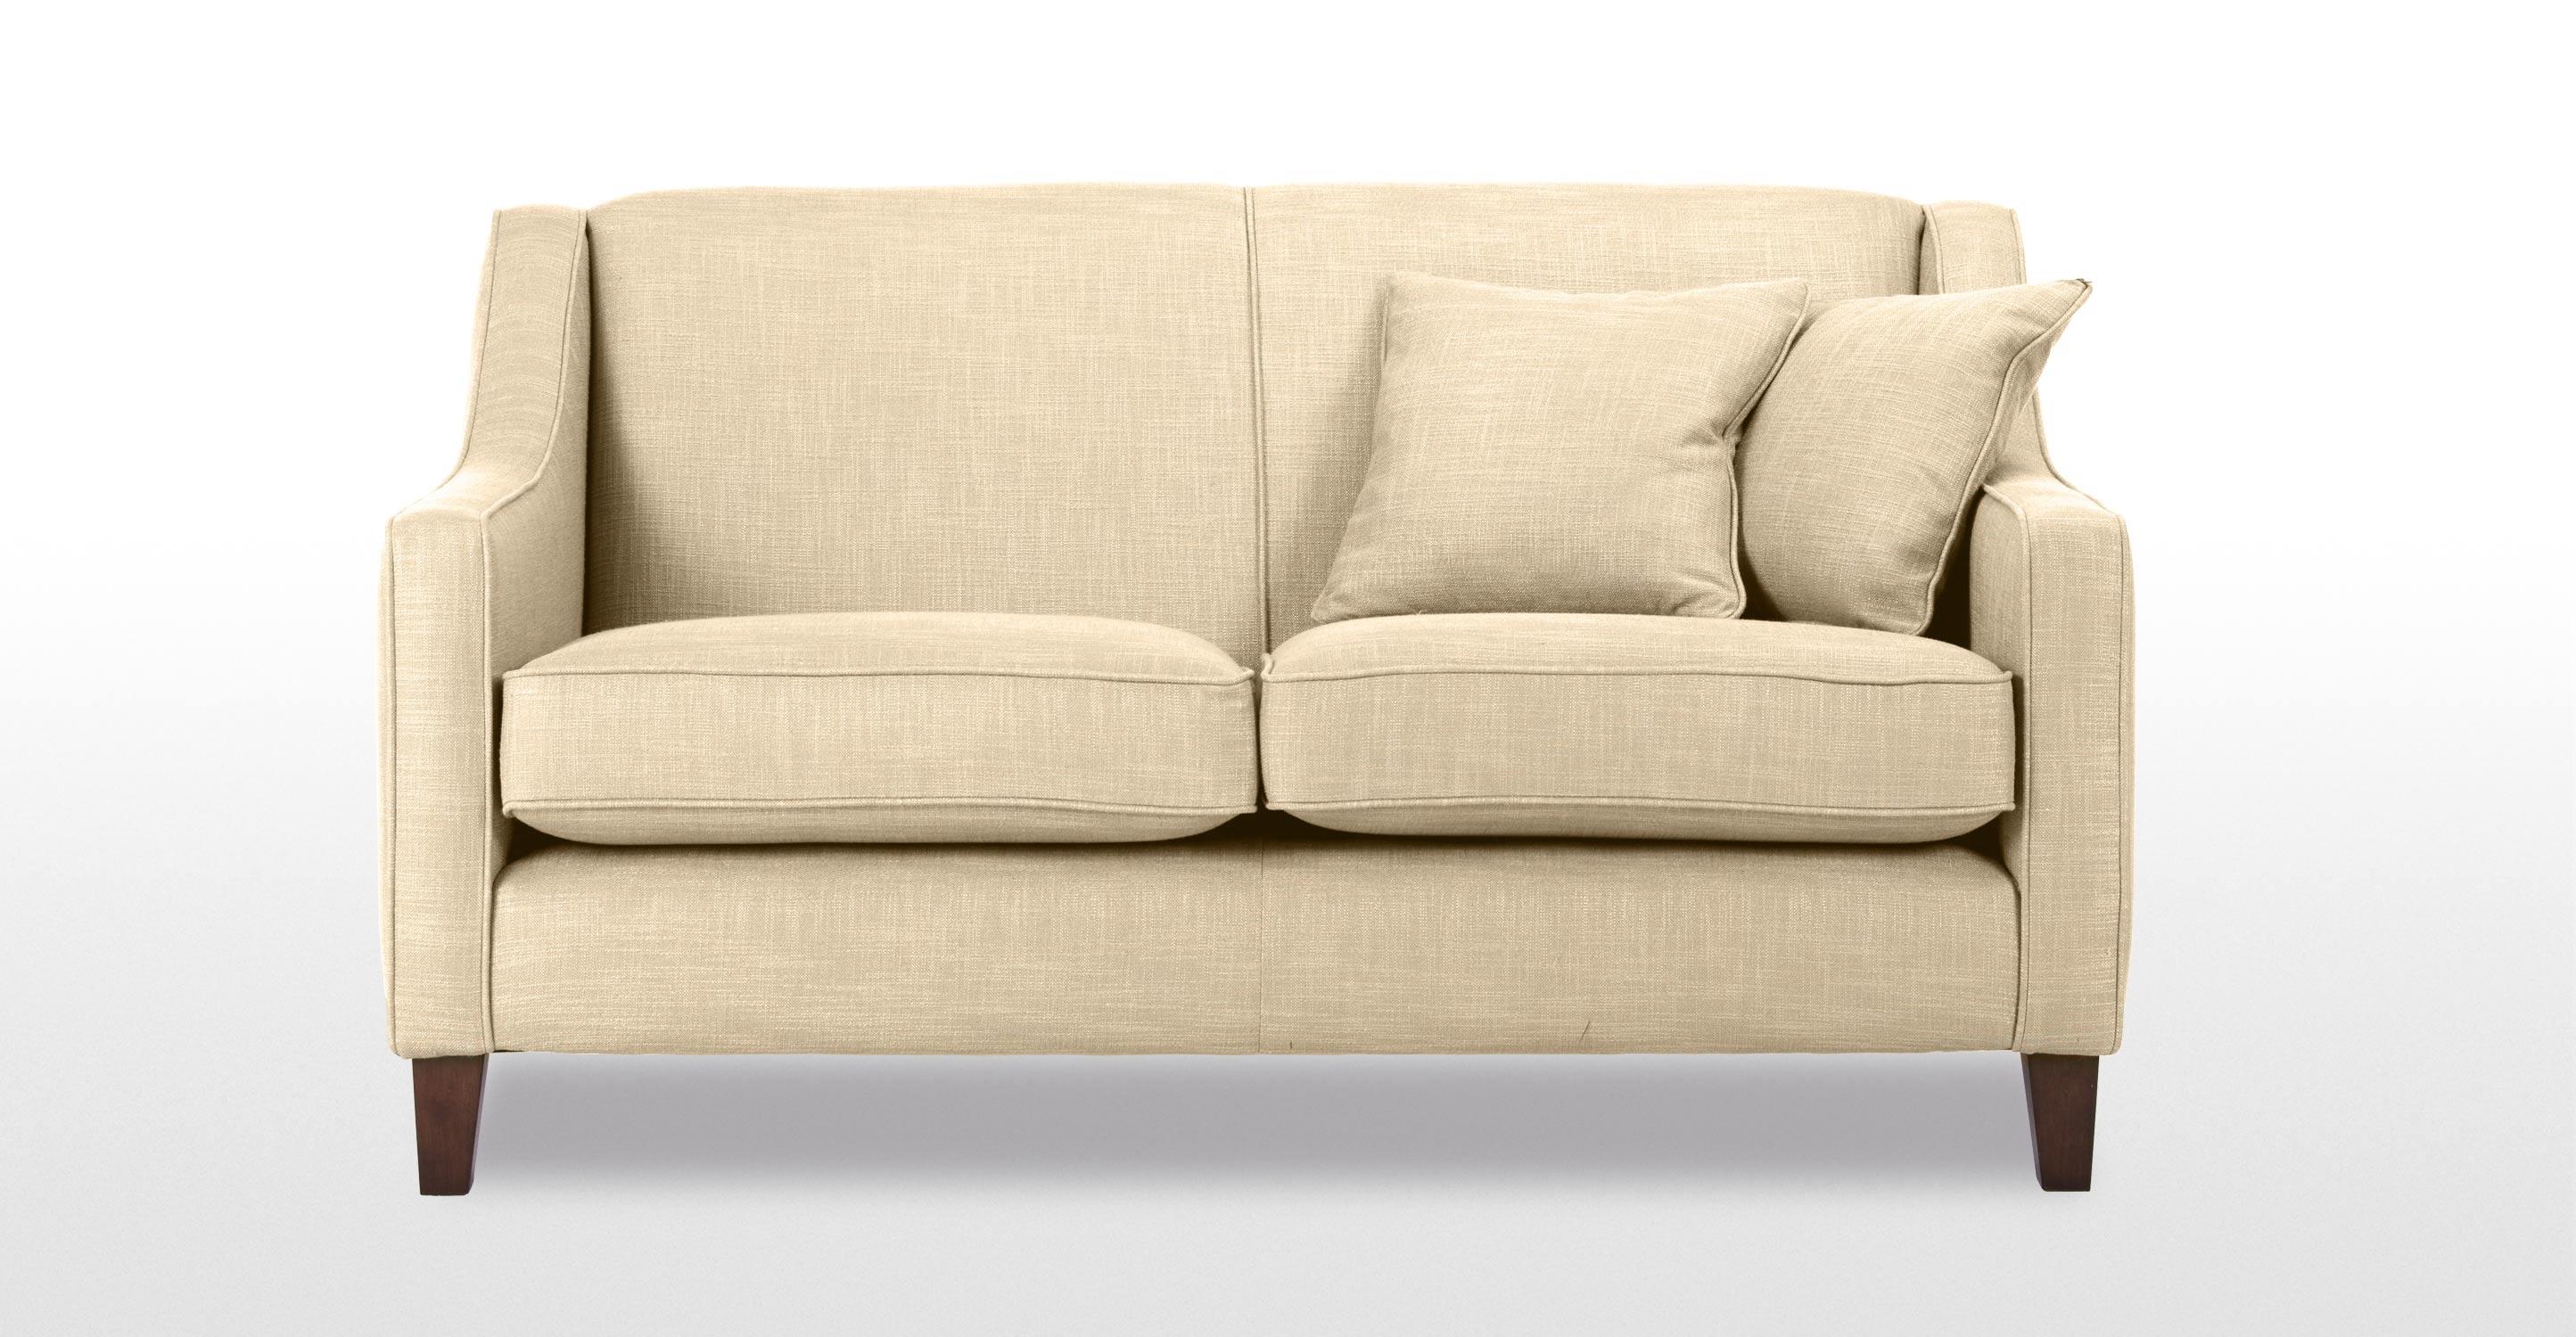 Sofas Center 51 Stupendous Small 2 Seater Sofa Image Concept 2 For Small 2 Seater Sofas (Image 10 of 15)